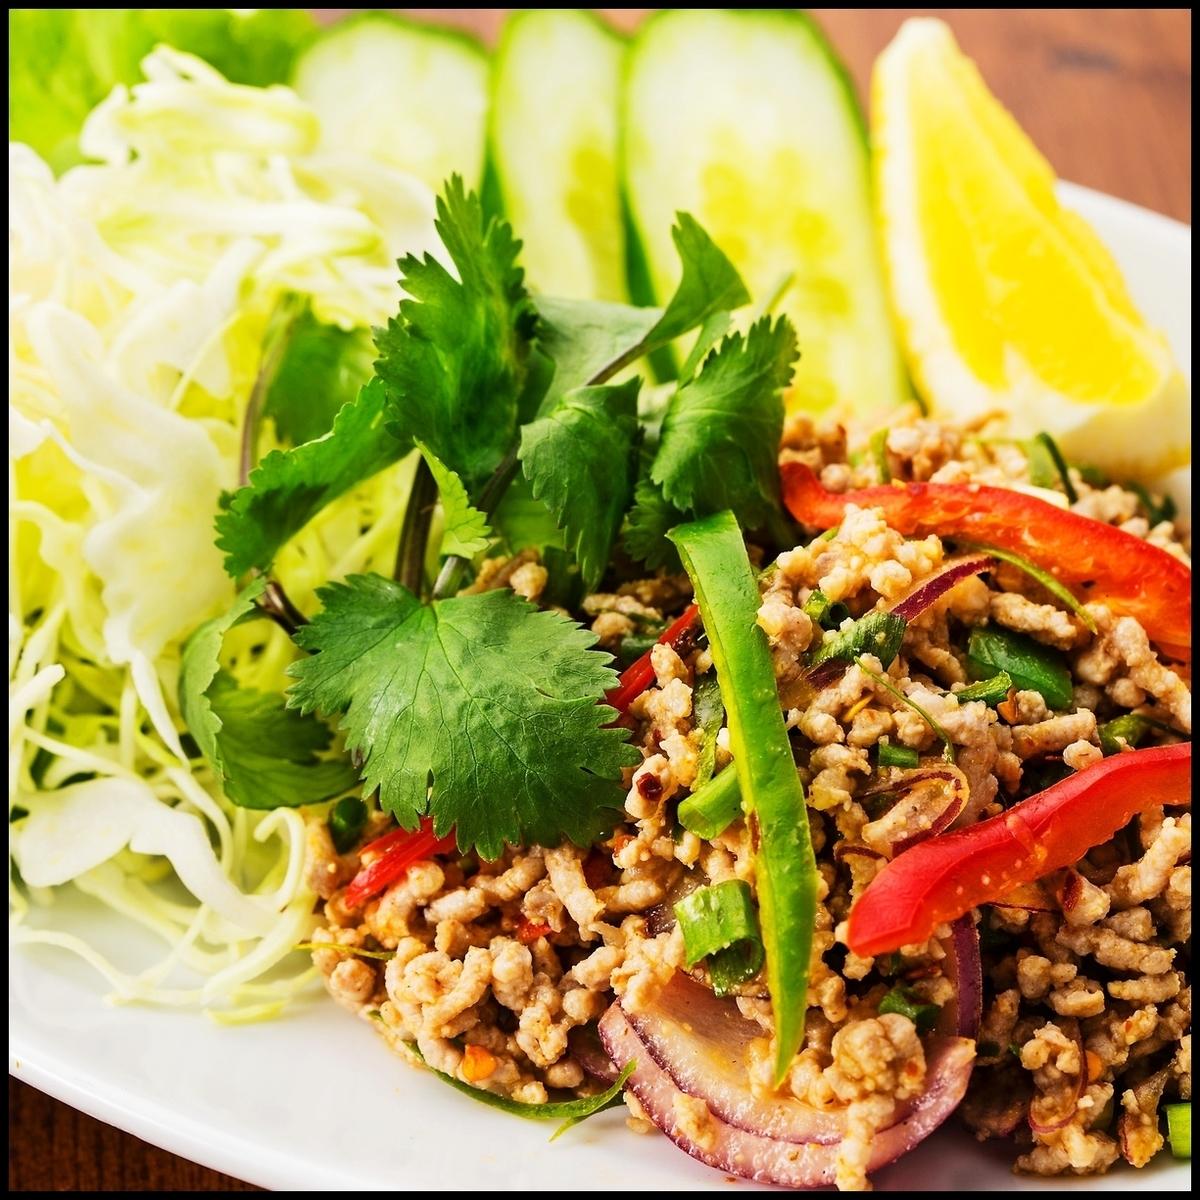 ラープ・ガイorムー(鶏or豚ひき肉のサラダ)